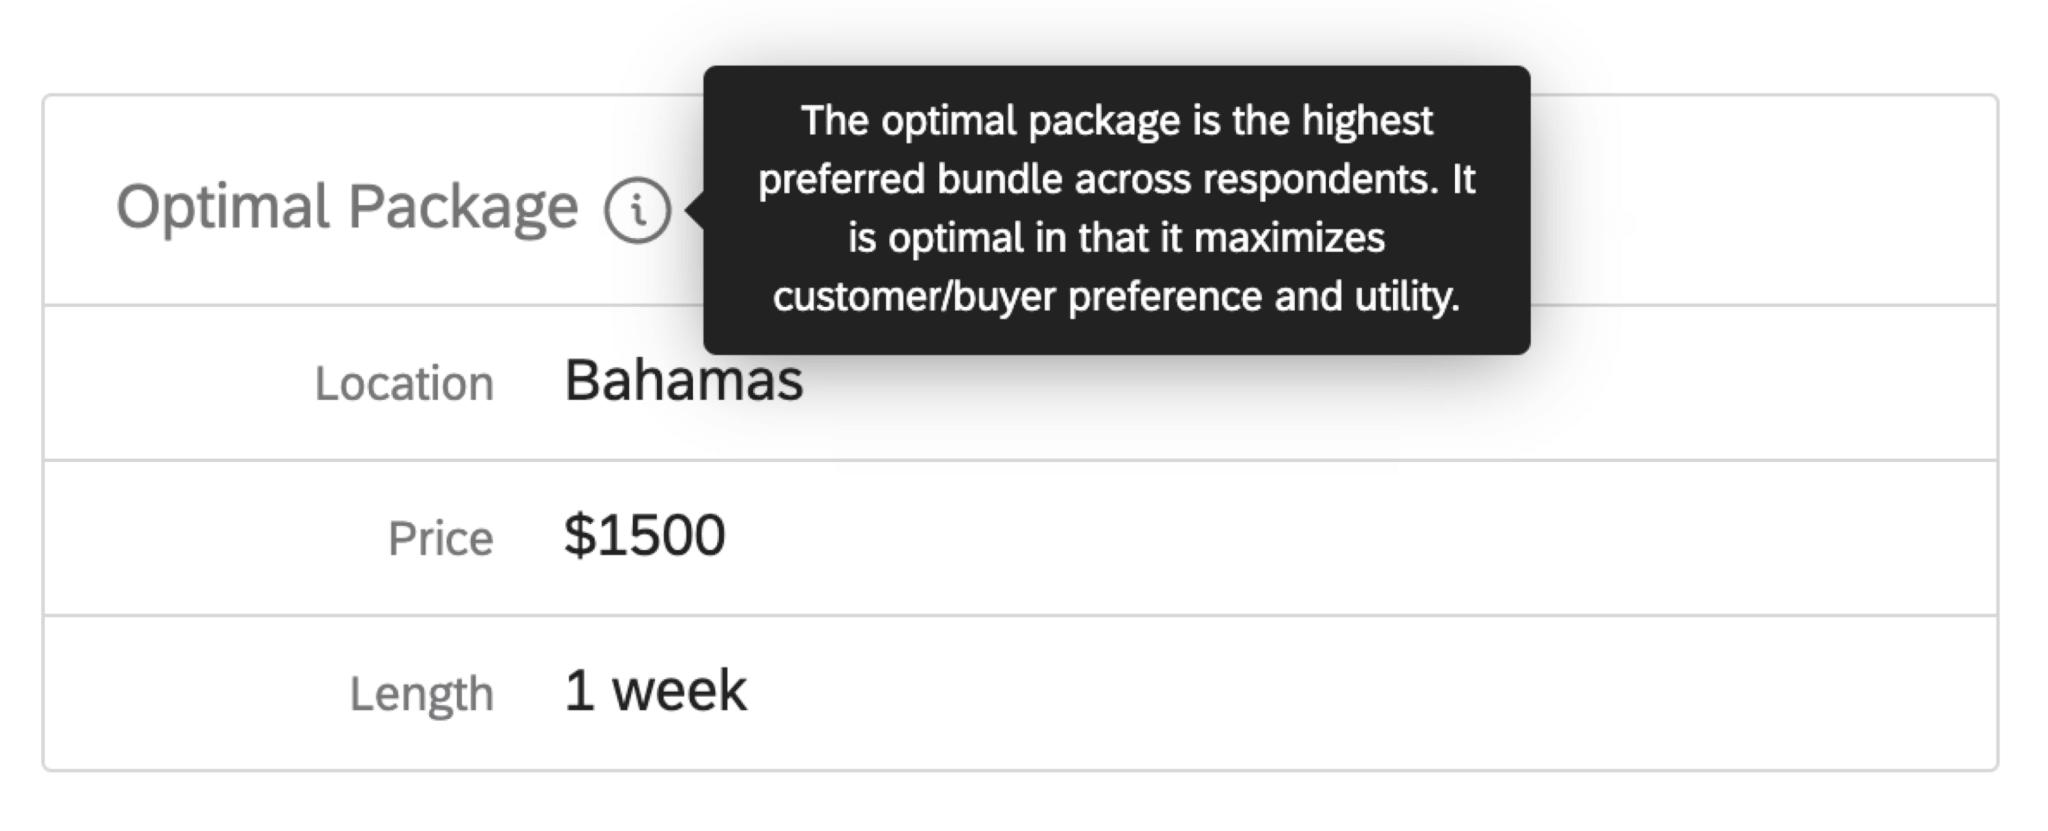 Tooltip describing optimal package